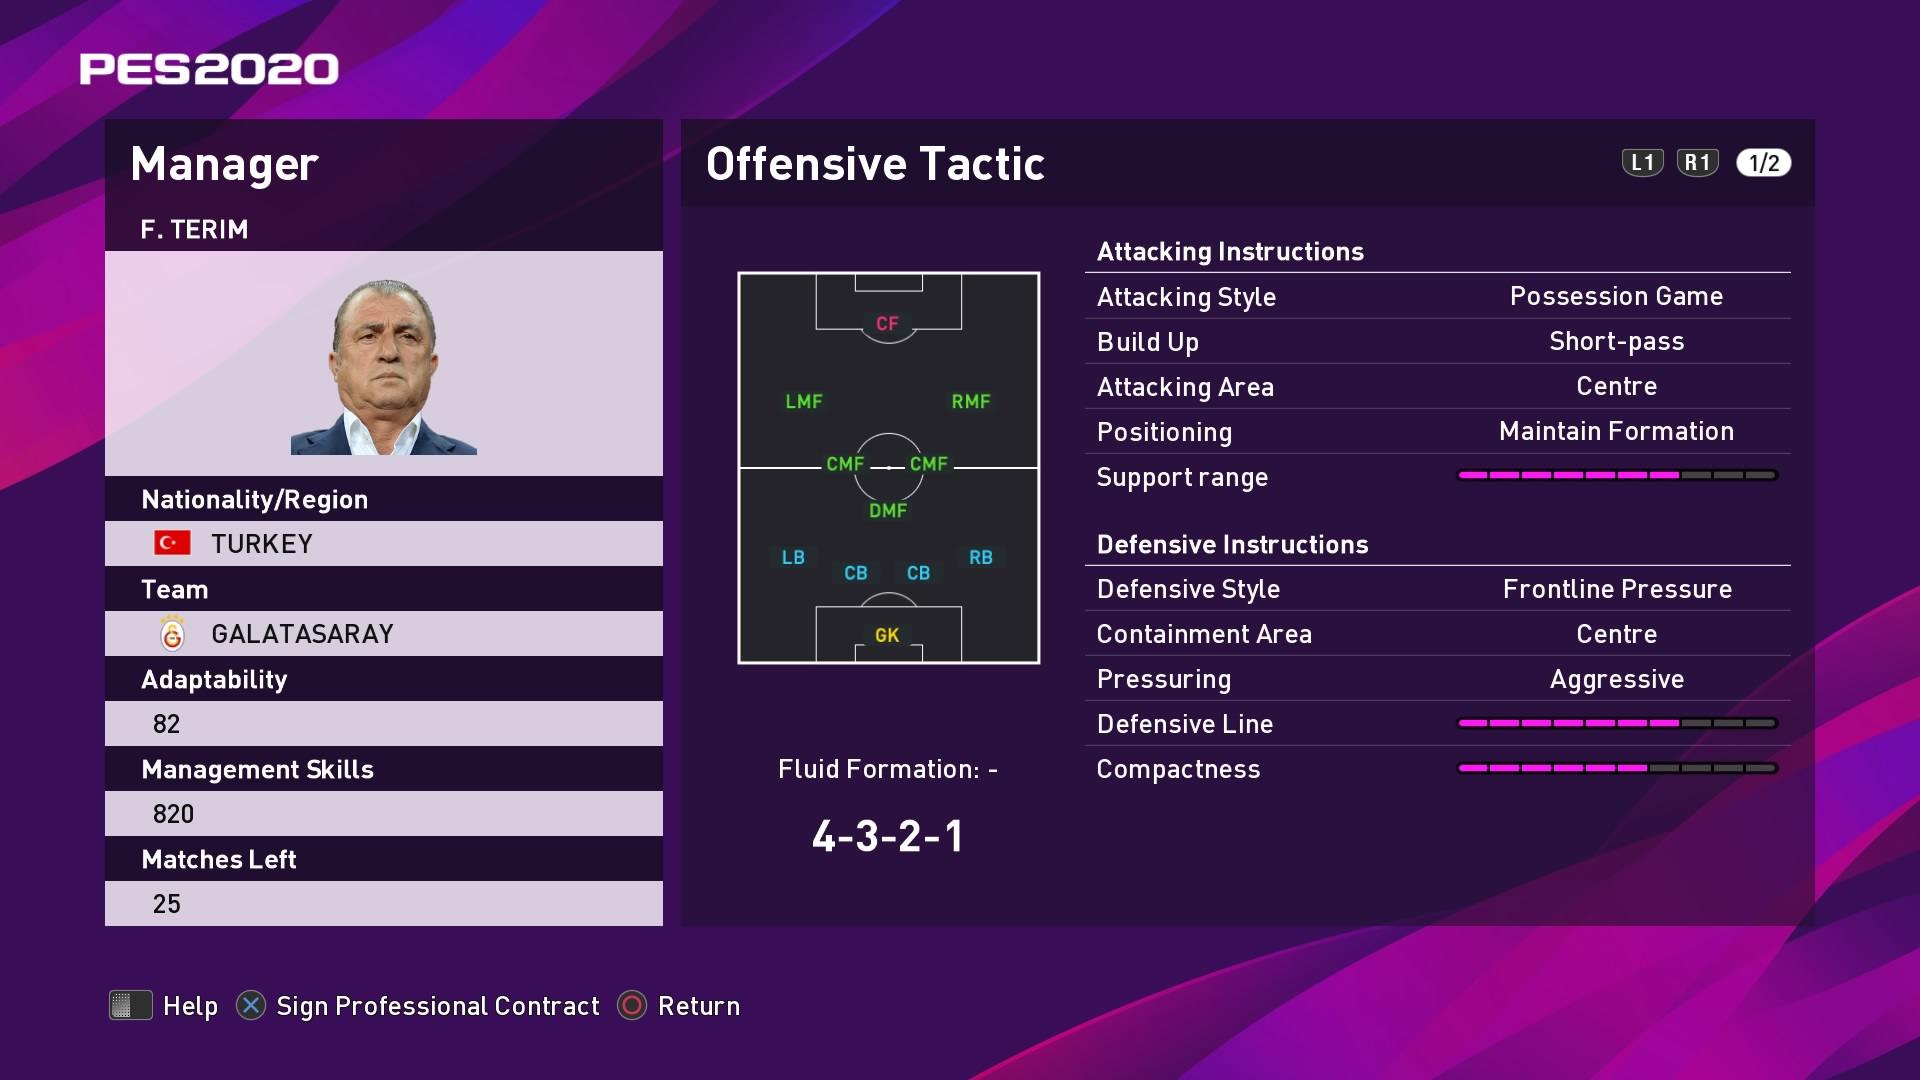 F. Terim (Fatih Terim) Offensive Tactic in PES 2020 myClub